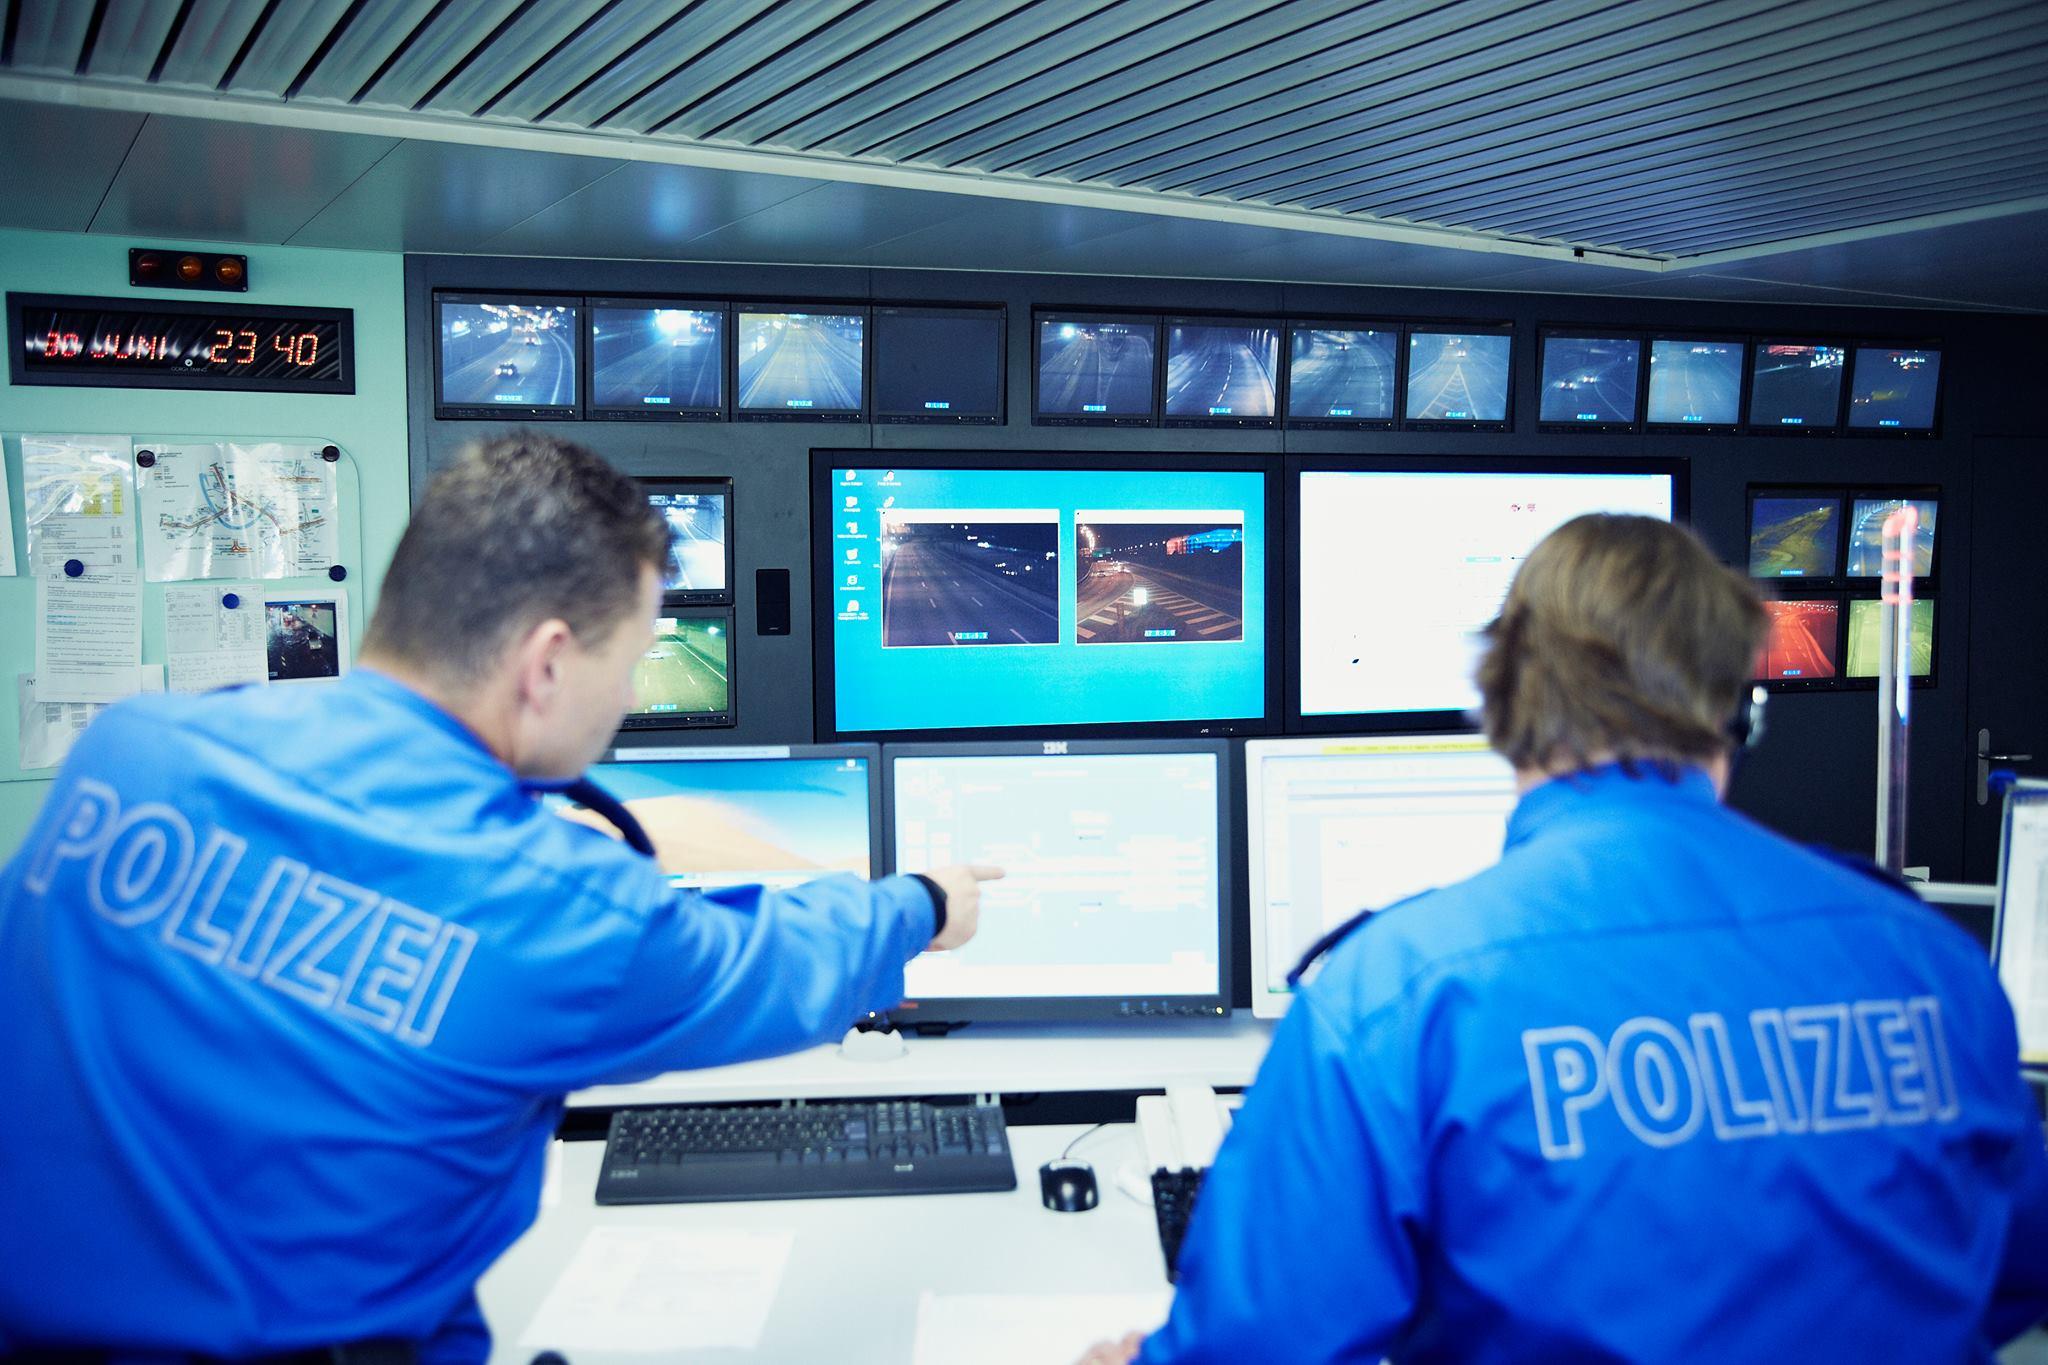 Das Aufgabengebiet der Kapo Basel-Stadt ist äusserst vielfältig. (Bildquelle: Kapo Basel-Stadt)